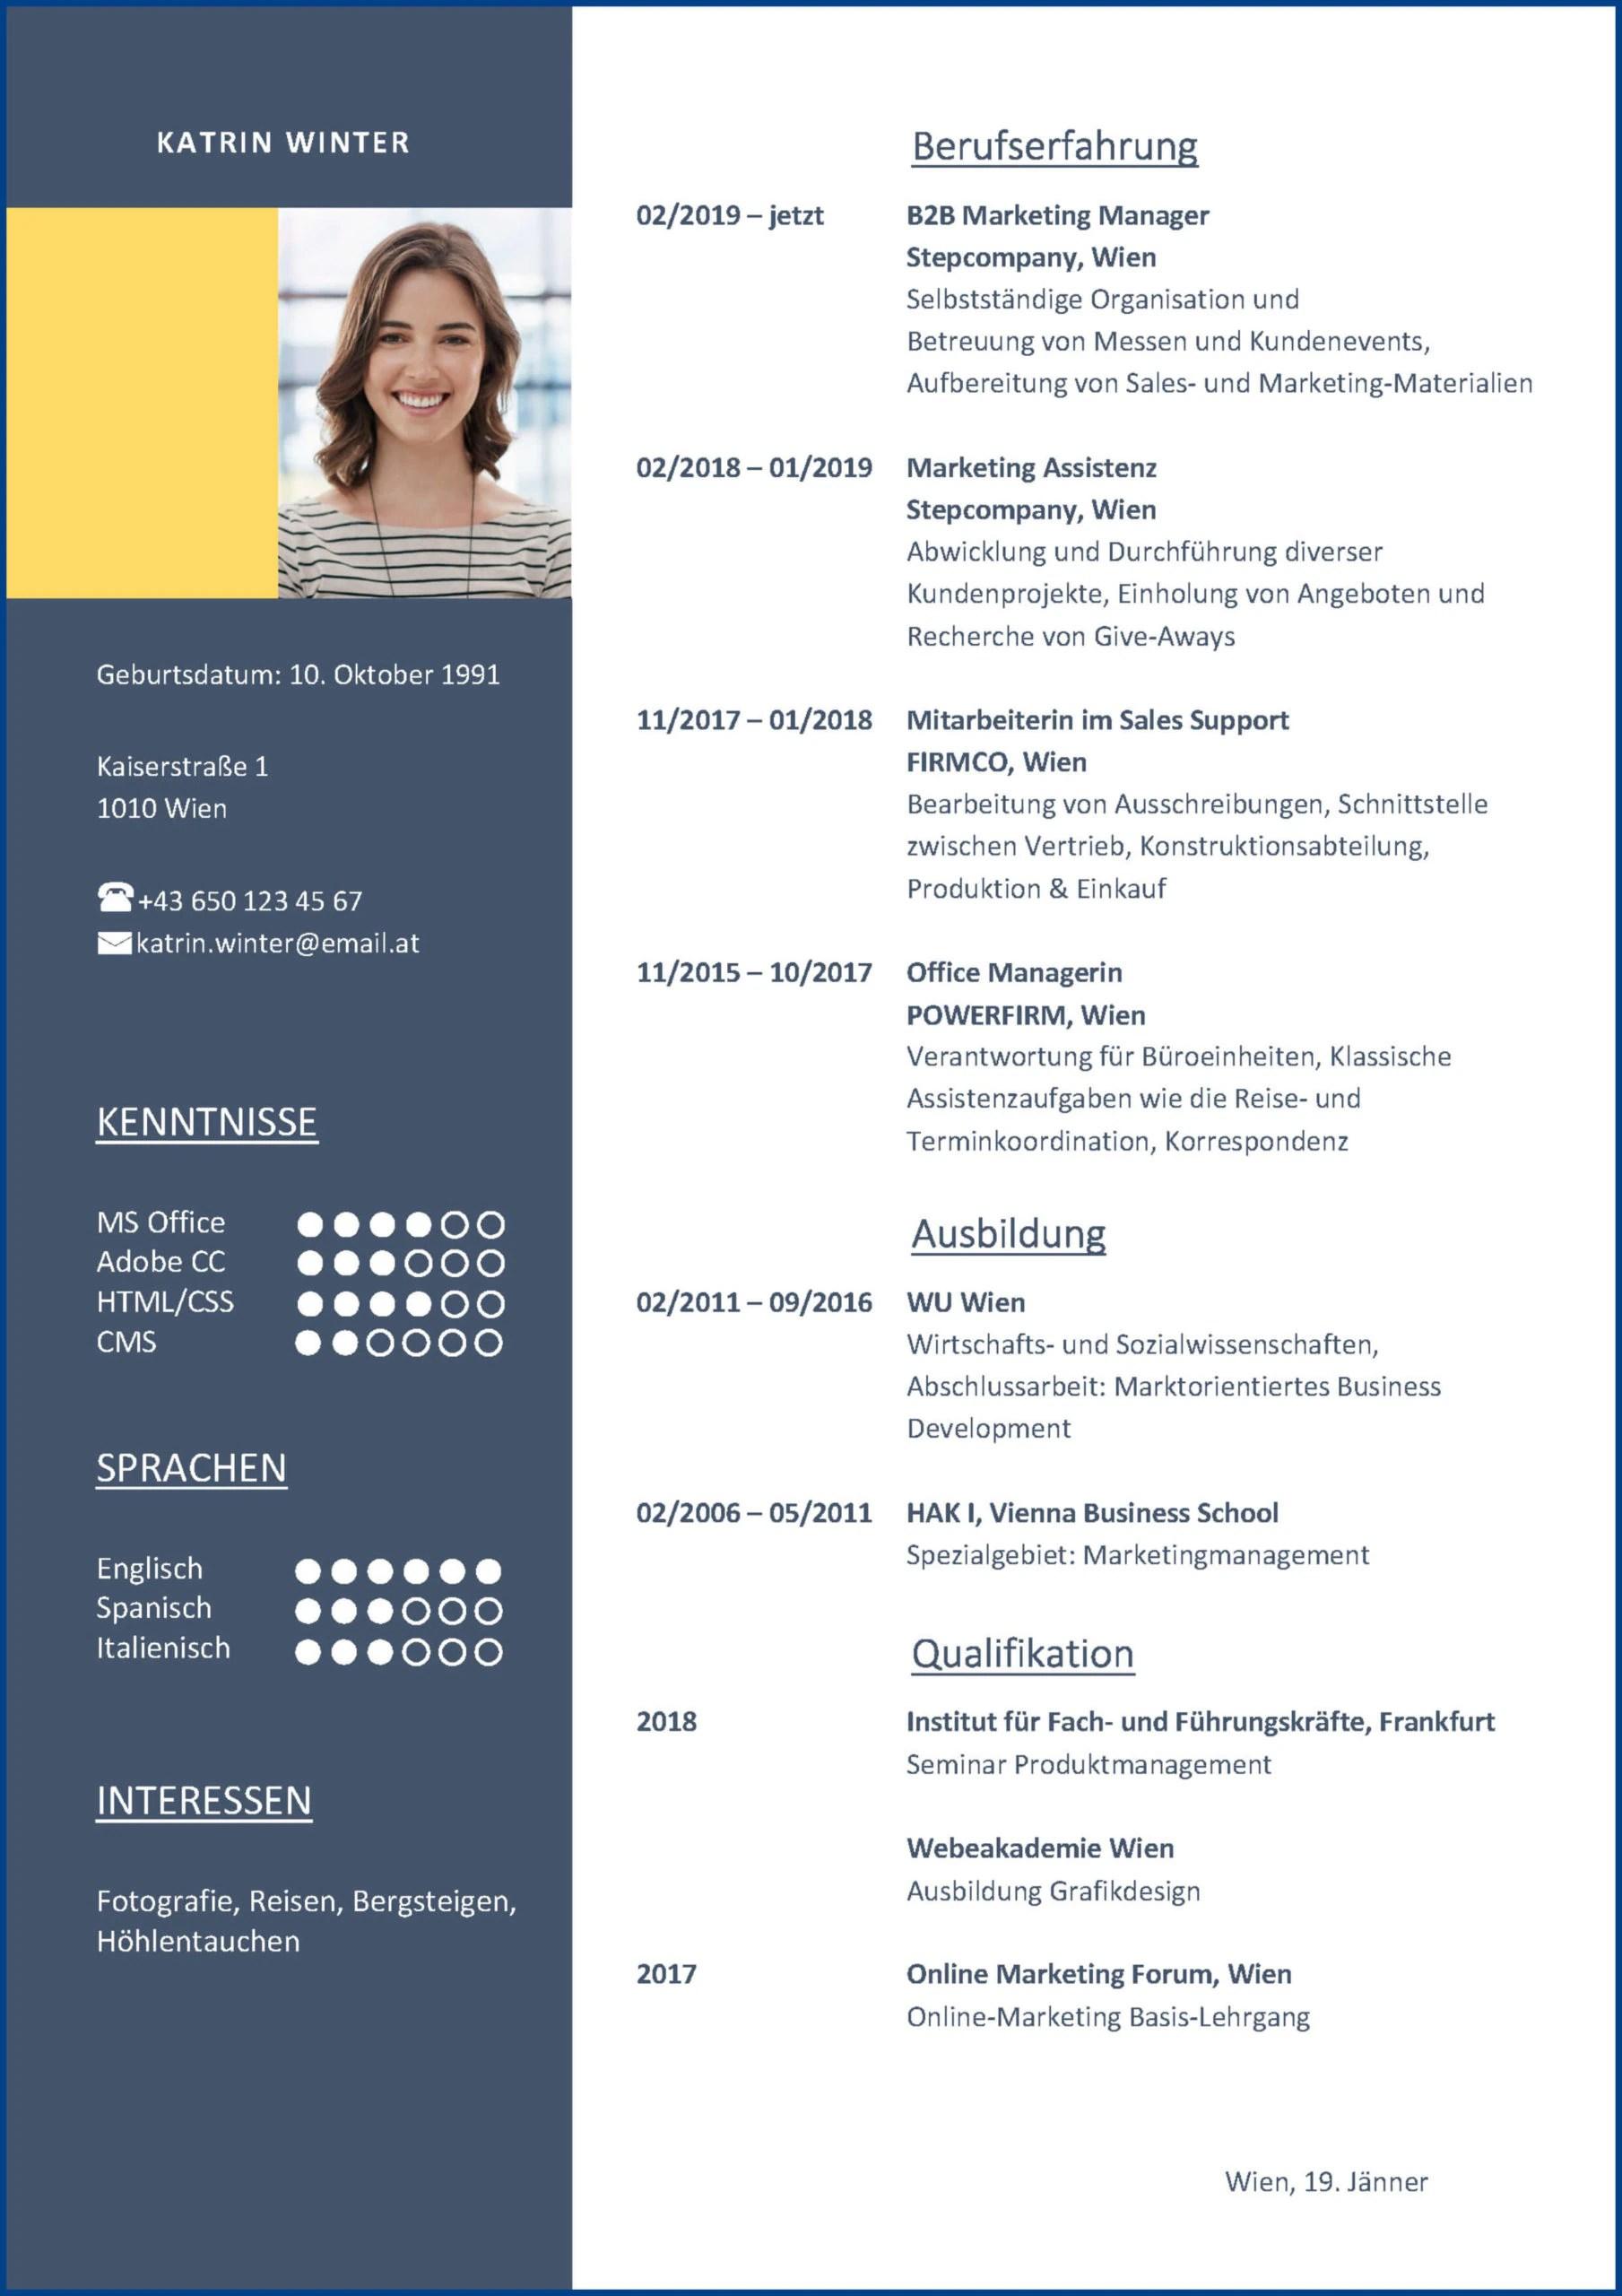 ✓ 50+ kostenlose vorlagen & muster ✓ word & openoffice ✓ professionelles design ✓ modern & tabellarisch! Kostenlose Lebenslauf Vorlagen Fur Word Jetzt Downloaden